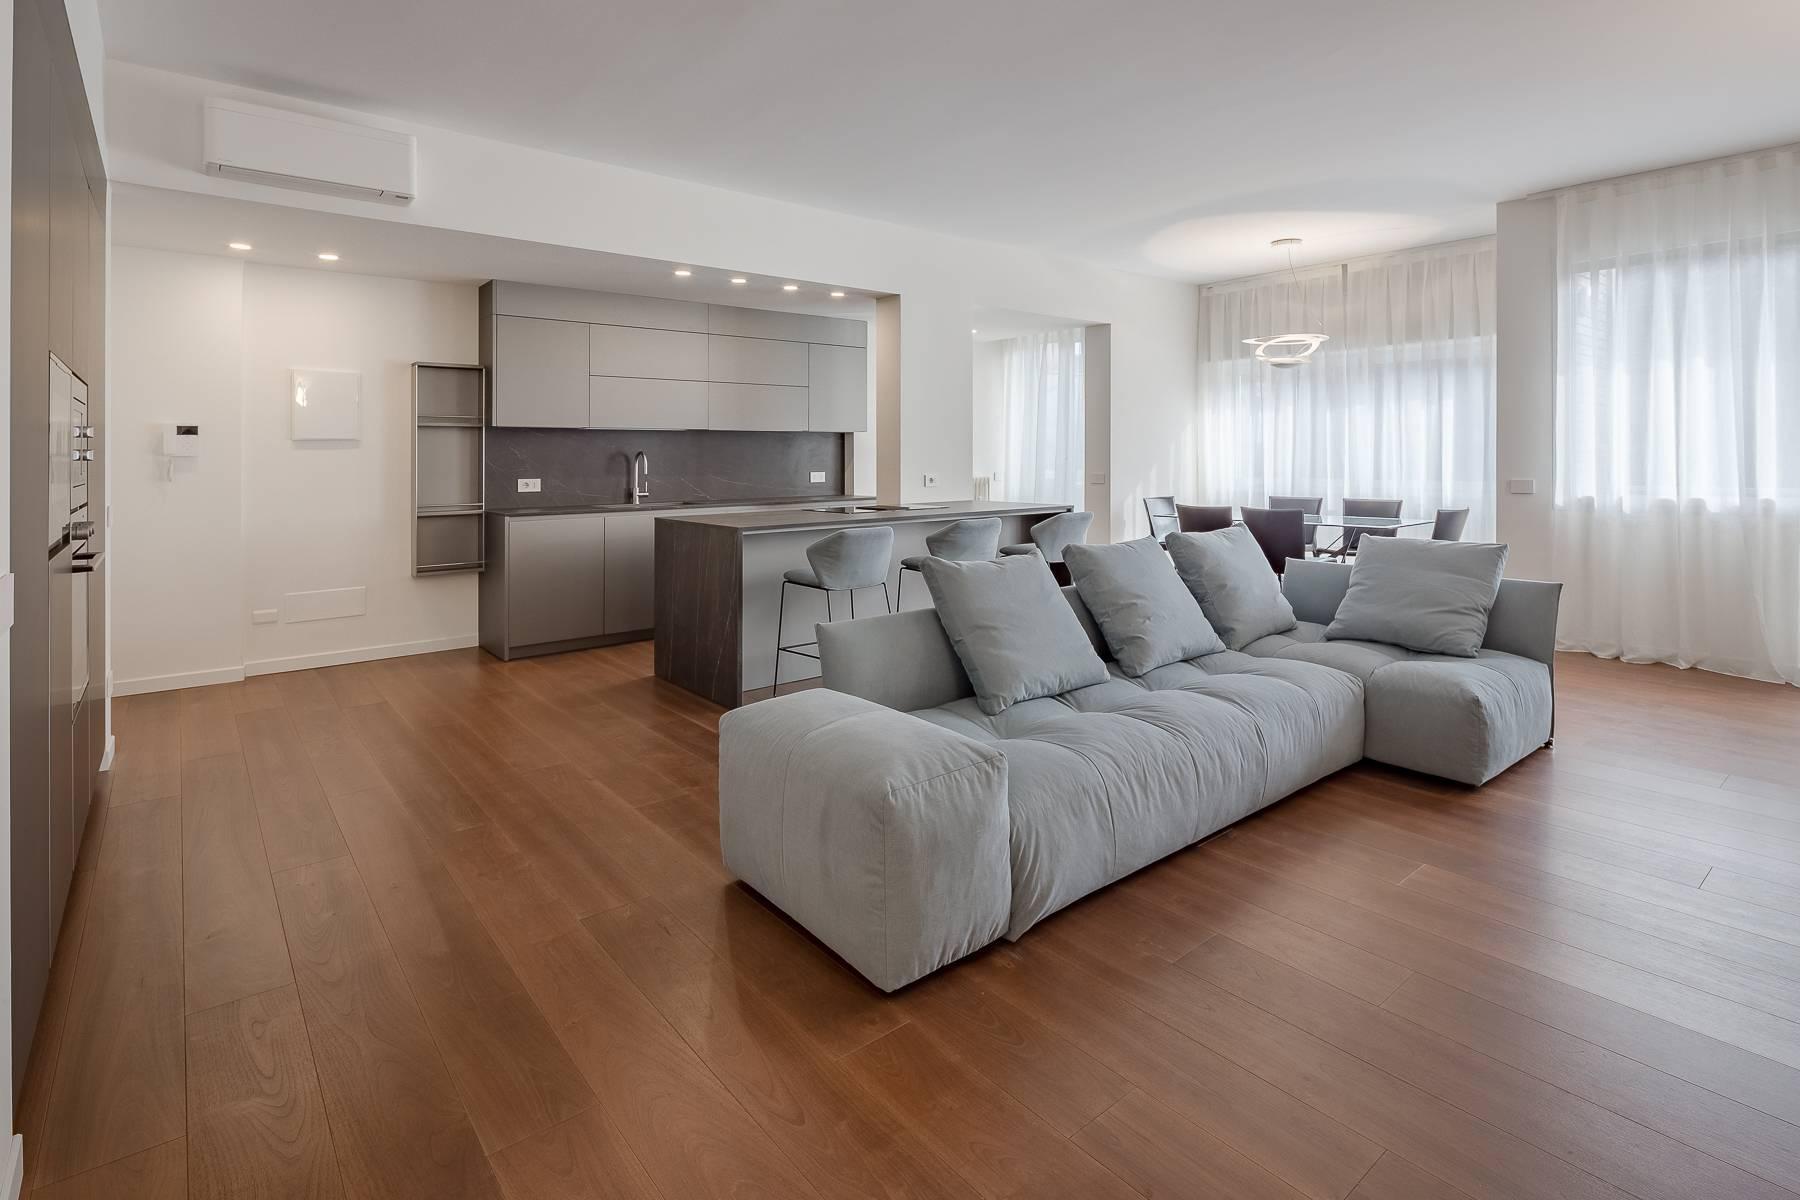 Wunderschöne Drei-Zimmer-Wohnung im Sempione Stadtviertel - 1